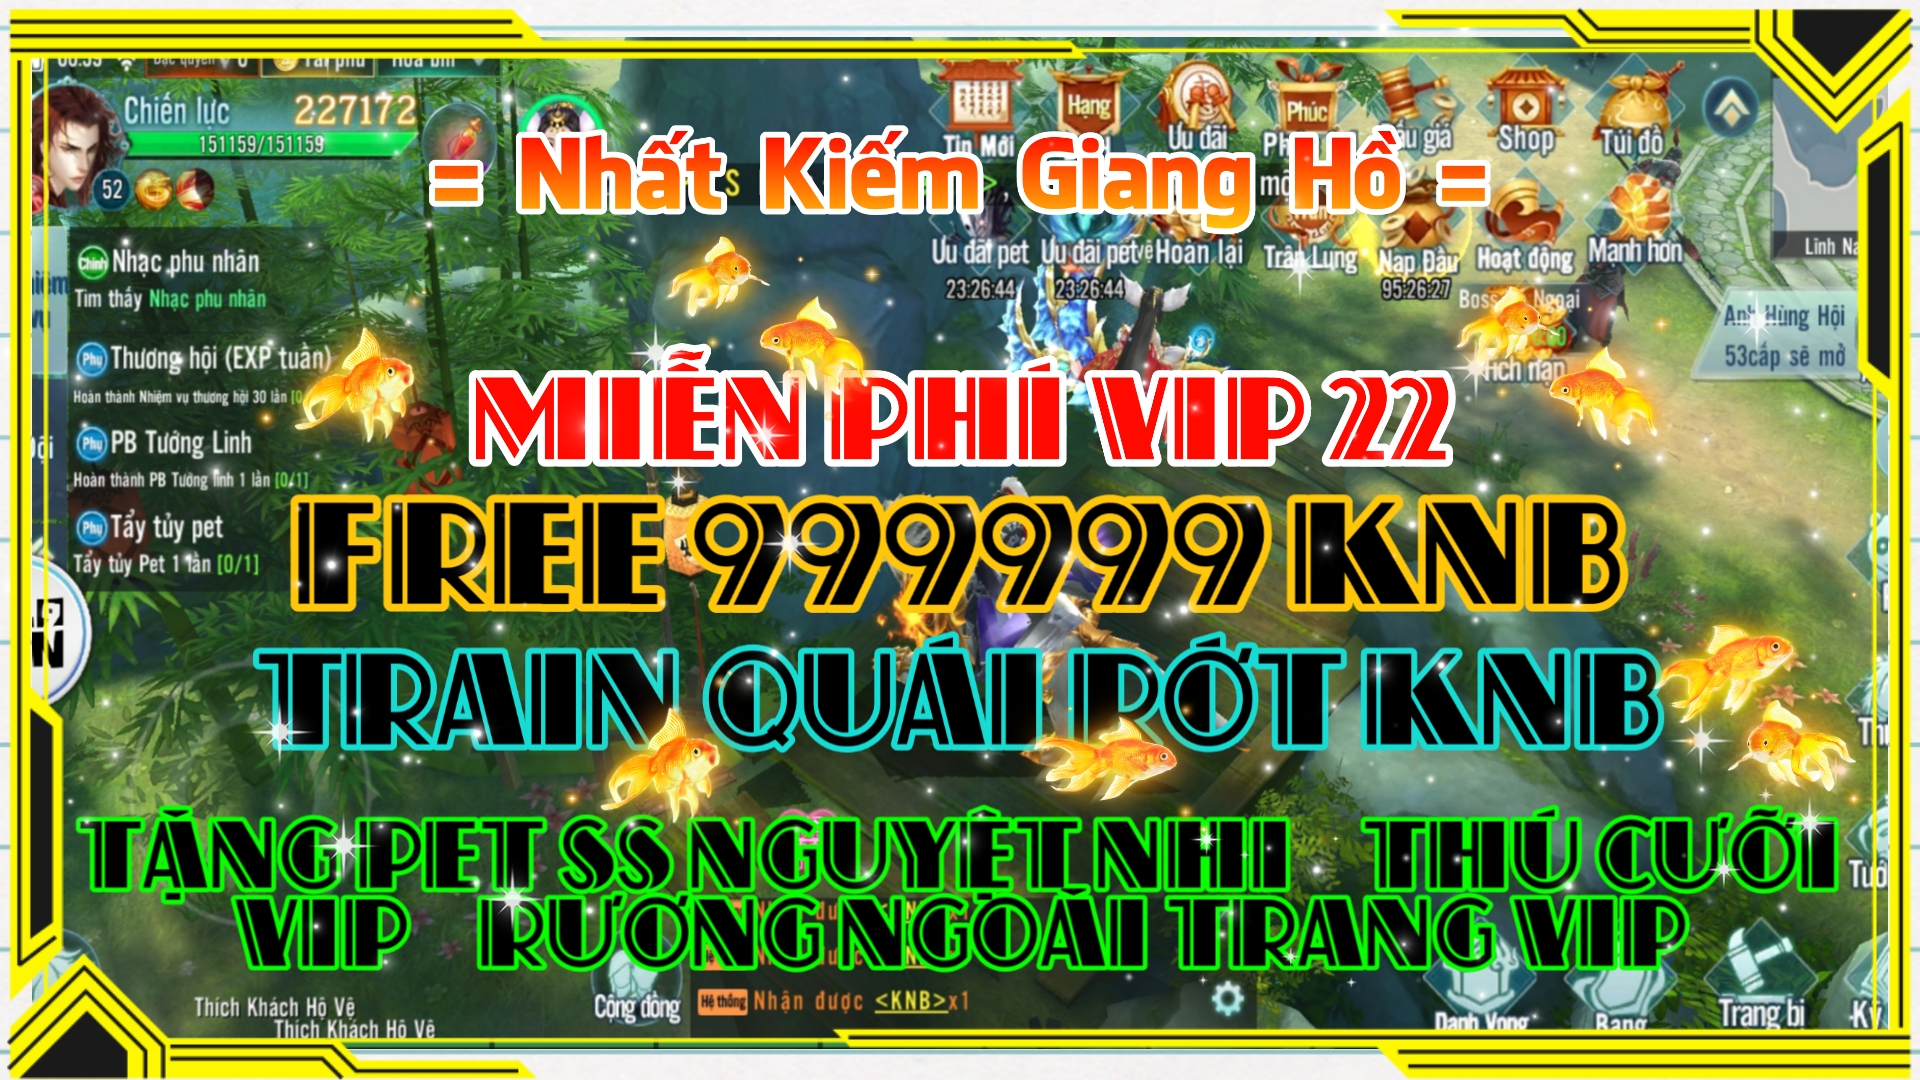 Nhất Kiếm Giang Hồ Private   Free VIP 22   999999 KNB   Đầu Game Lv.35   Train Quái Rớt KNB 1